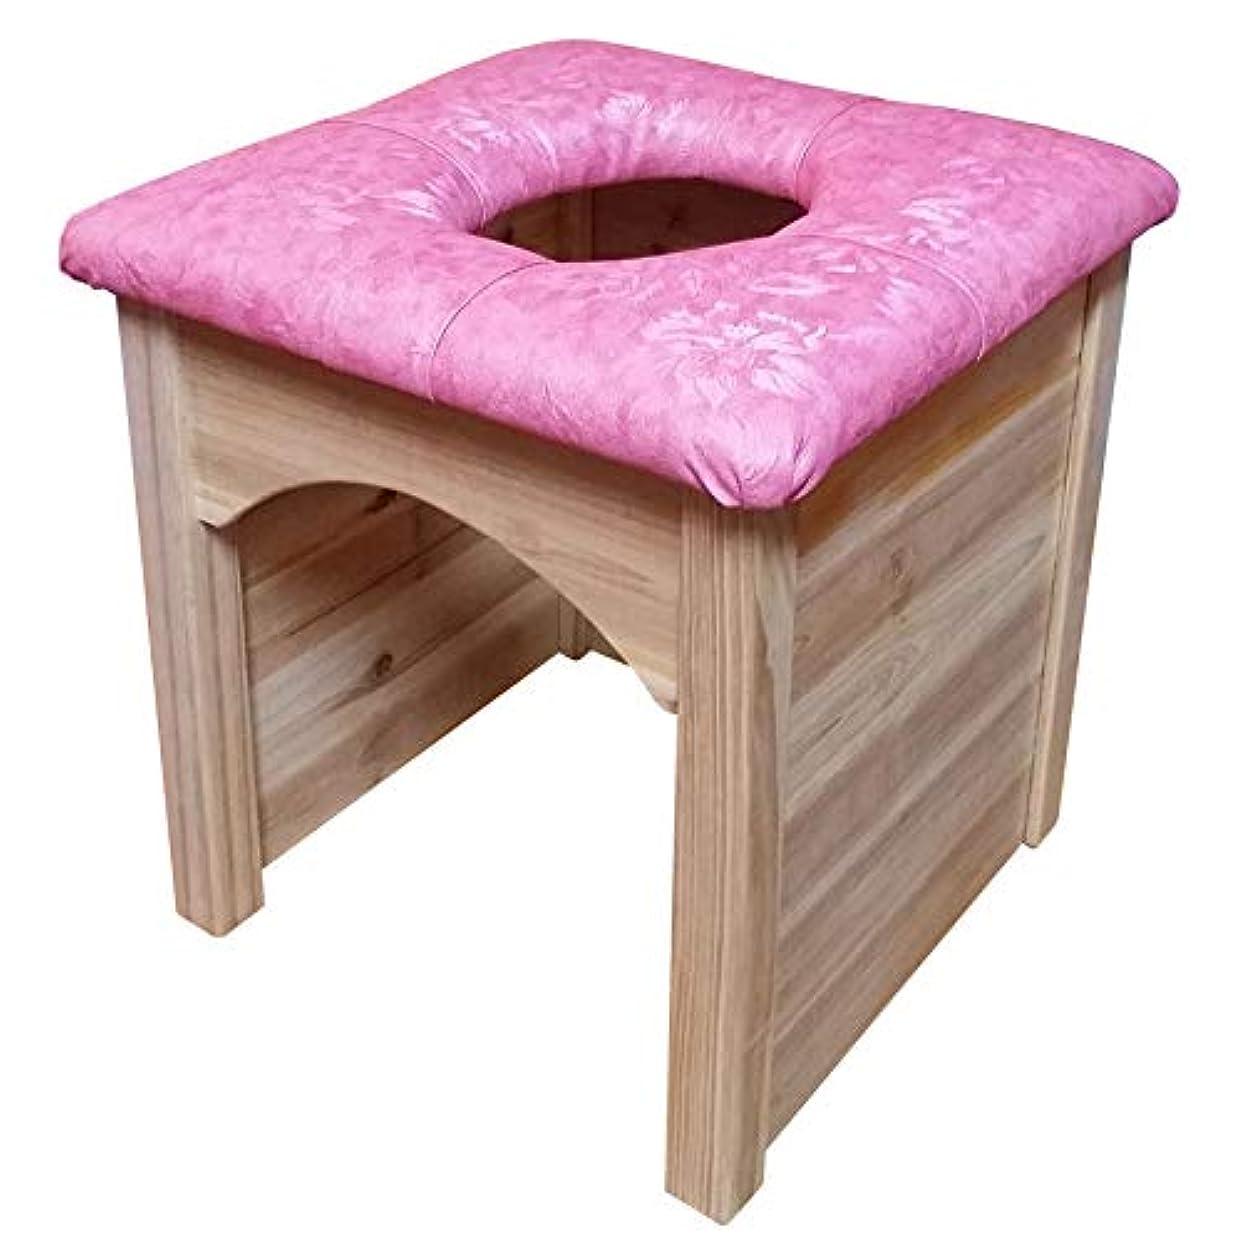 豆誠意セージ正品、、お勧めの、ヨモギ蒸し椅子セット、よもぎ蒸し椅子 単品